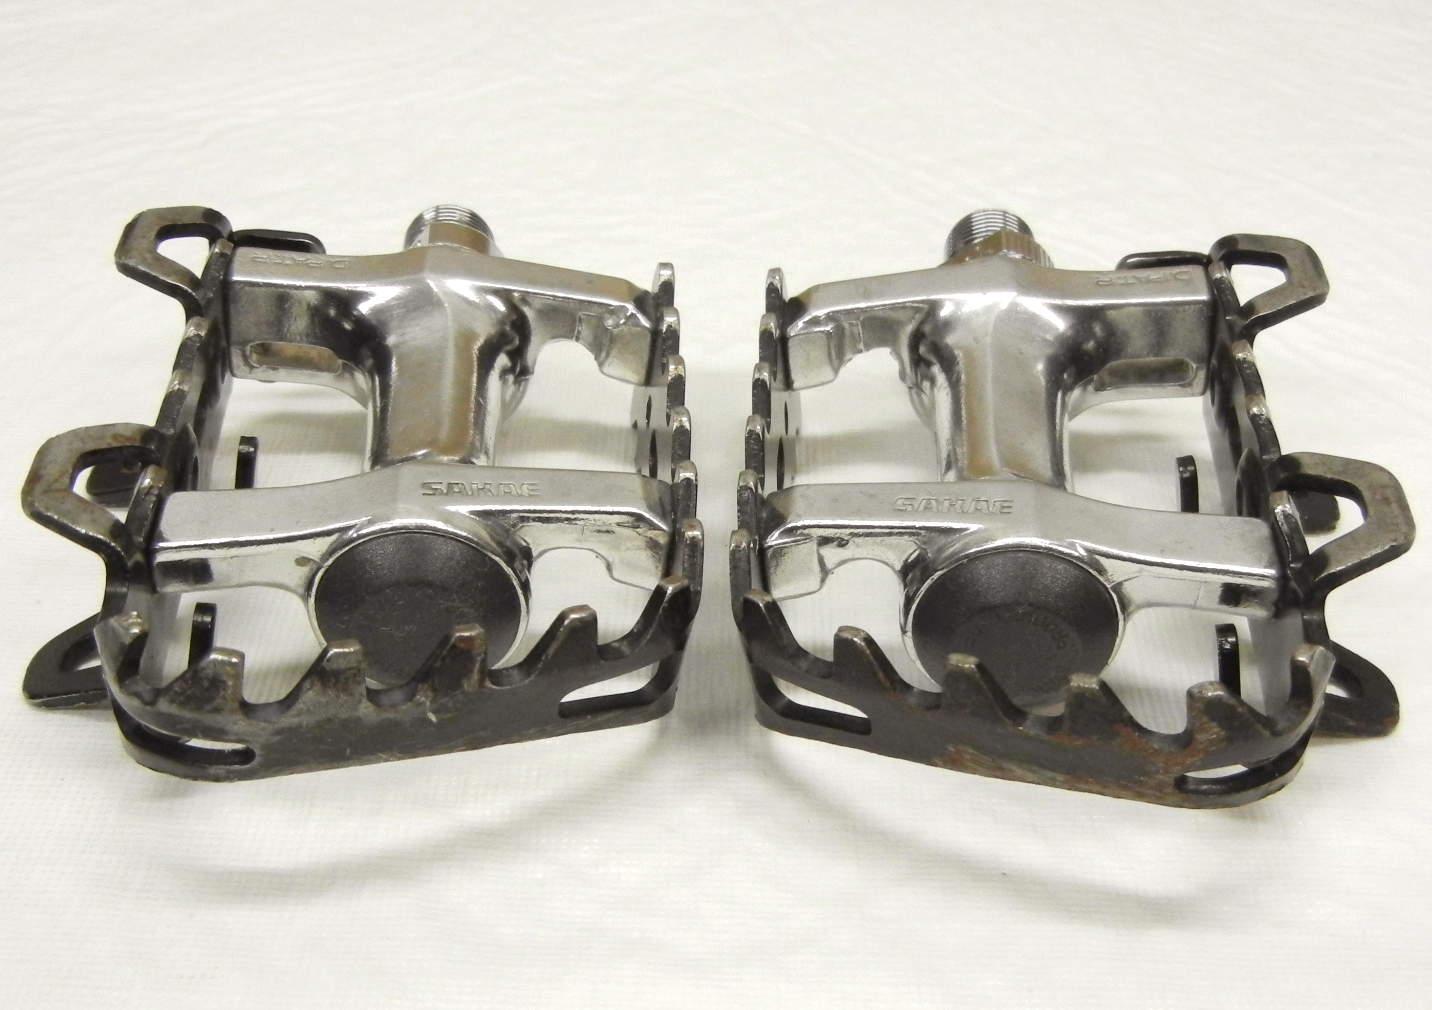 http://uploads.bmxmuseum.com/user-images/17782/tioga-mtb-pedals...256ae891a19.jpg